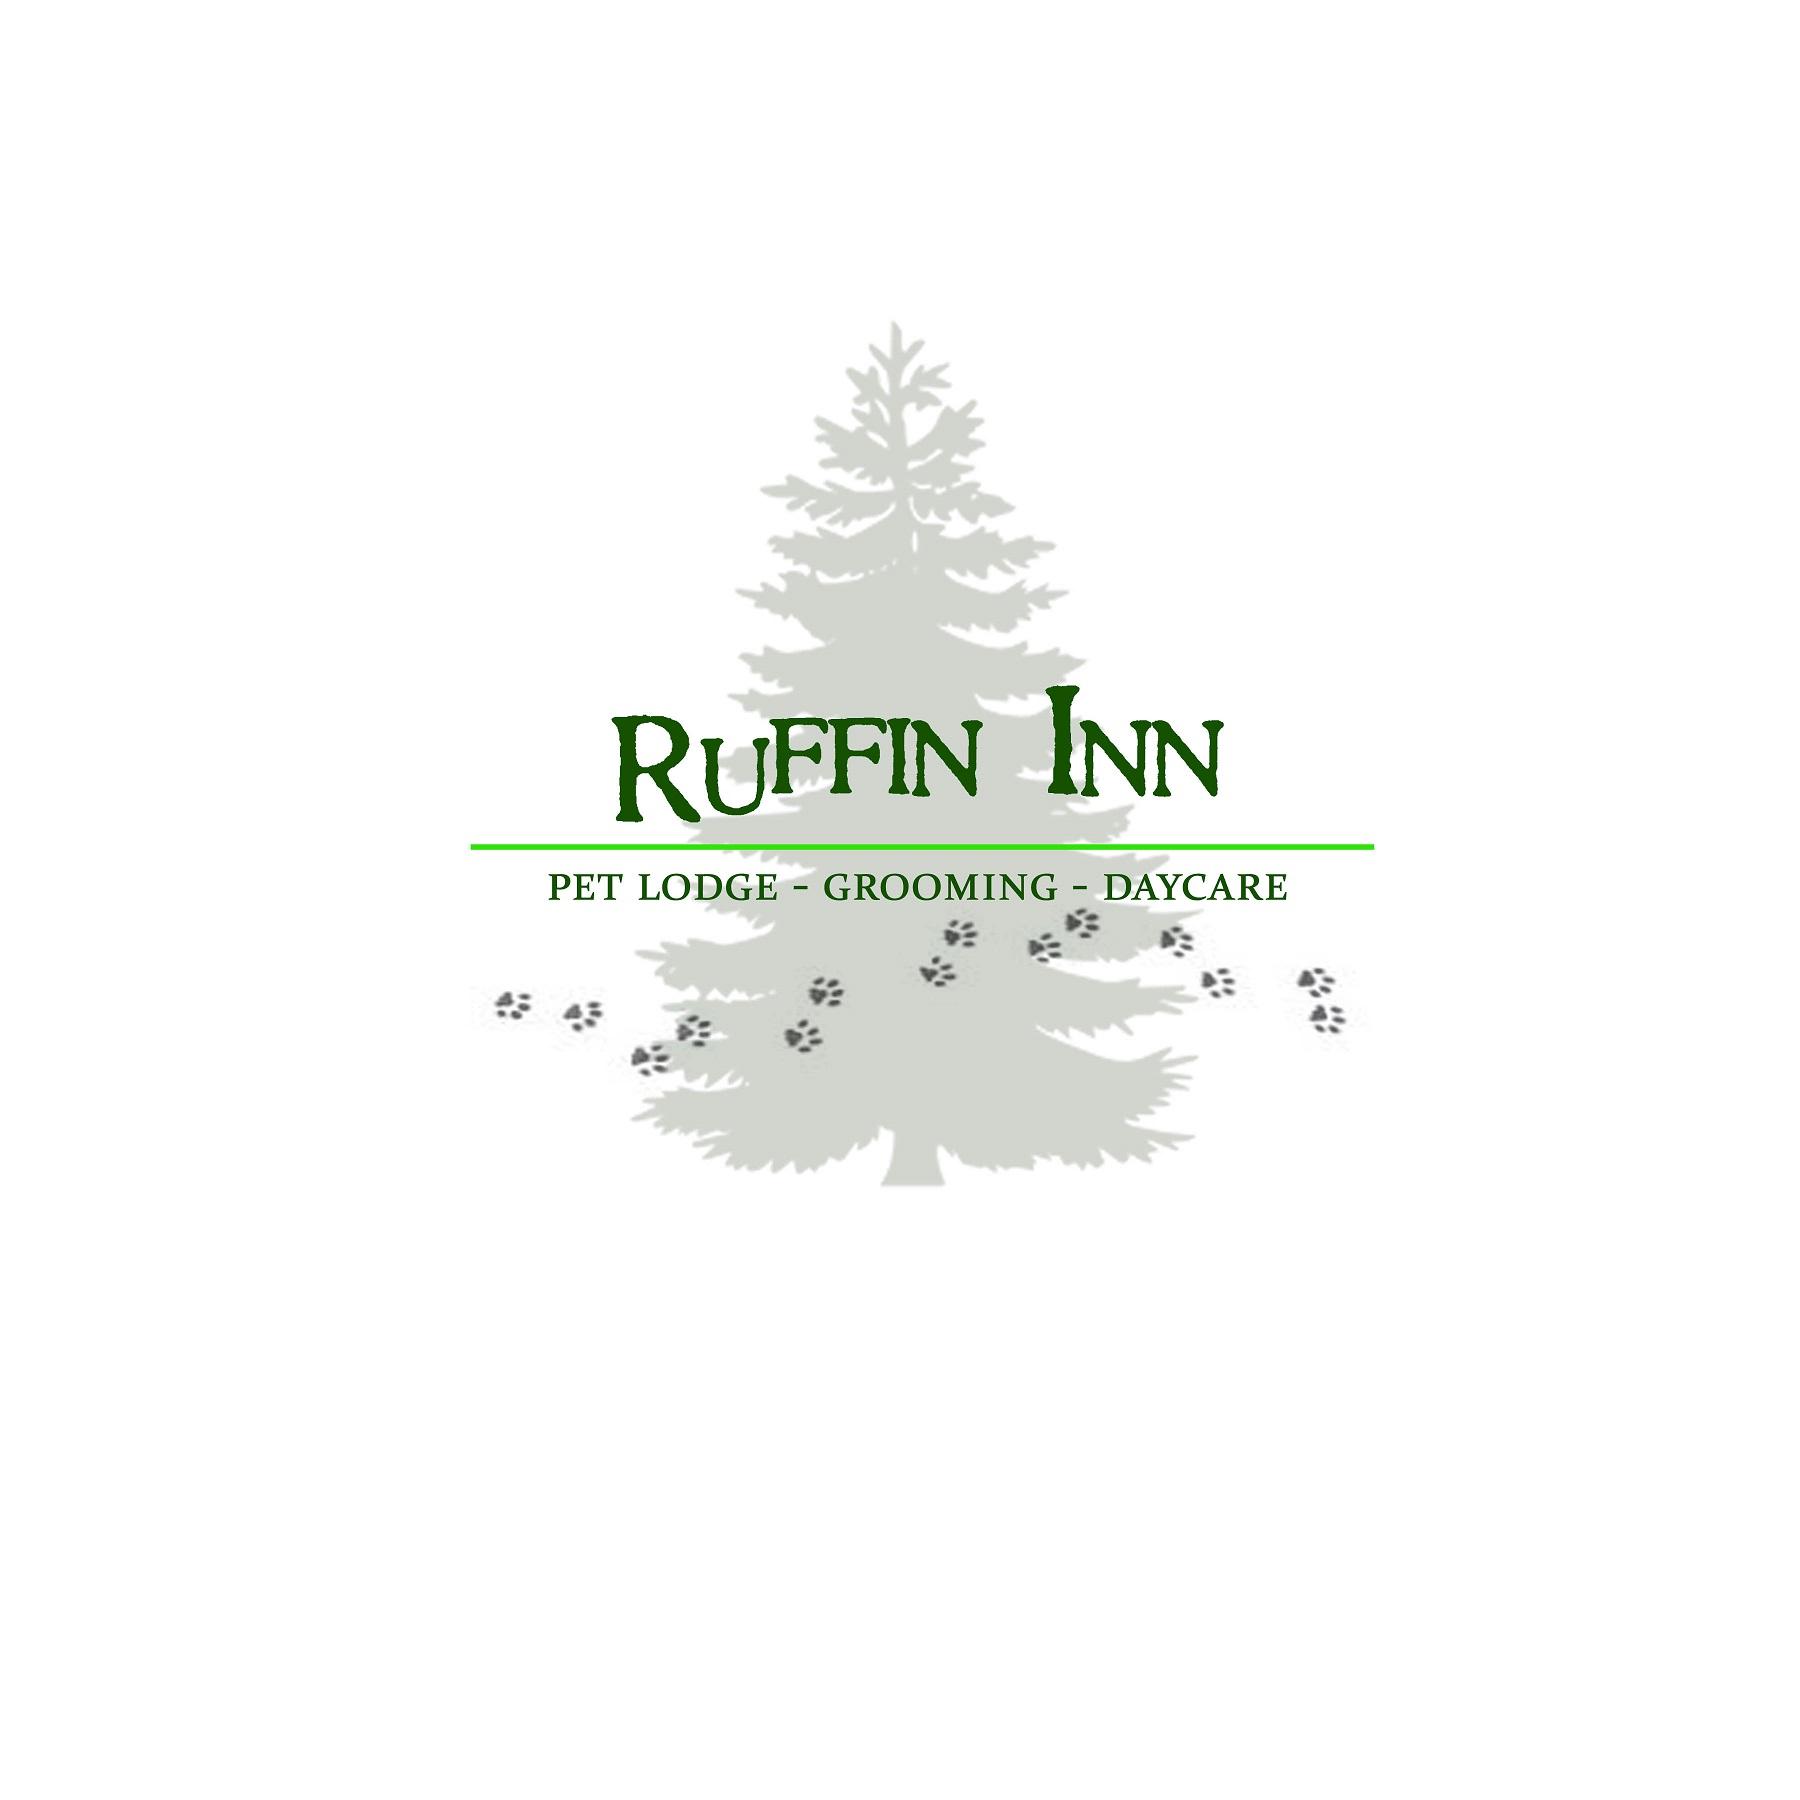 Ruffinn inn logo 02 pine